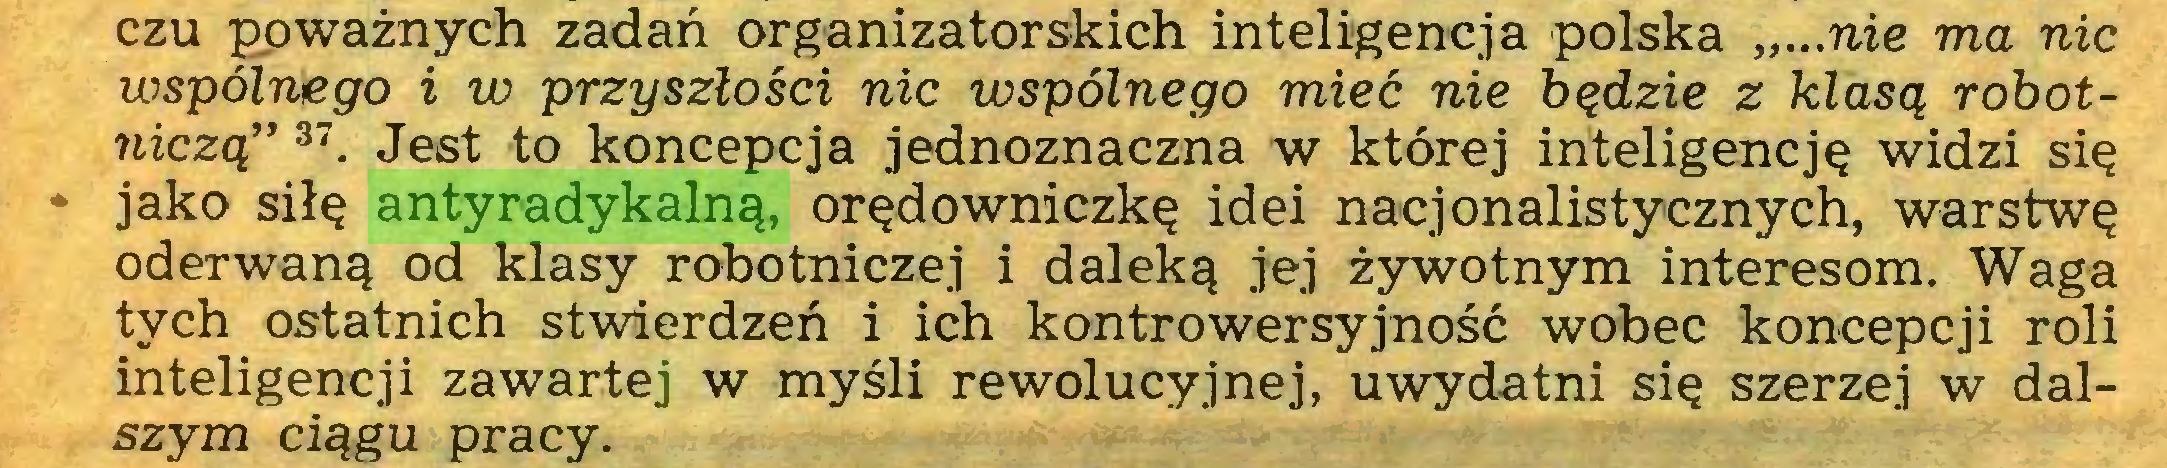 """(...) czu poważnych zadań organizatorskich inteligencja polska """"...nie ma nic wspólnego i w przyszłości nic wspólnego mieć nie będzie z klasą robotniczą"""" 37. Jest to koncepcja jednoznaczna w której inteligencję widzi się * jako siłę antyradykalną, orędowniczkę idei nacjonalistycznych, warstwę oderwaną od klasy robotniczej i daleką jej żywotnym interesom. Waga tych ostatnich stwierdzeń i ich kontrowersyjność wobec koncepcji roli inteligencji zawartej w myśli rewolucyjnej, uwydatni się szerzej w dalszym ciągu pracy..."""